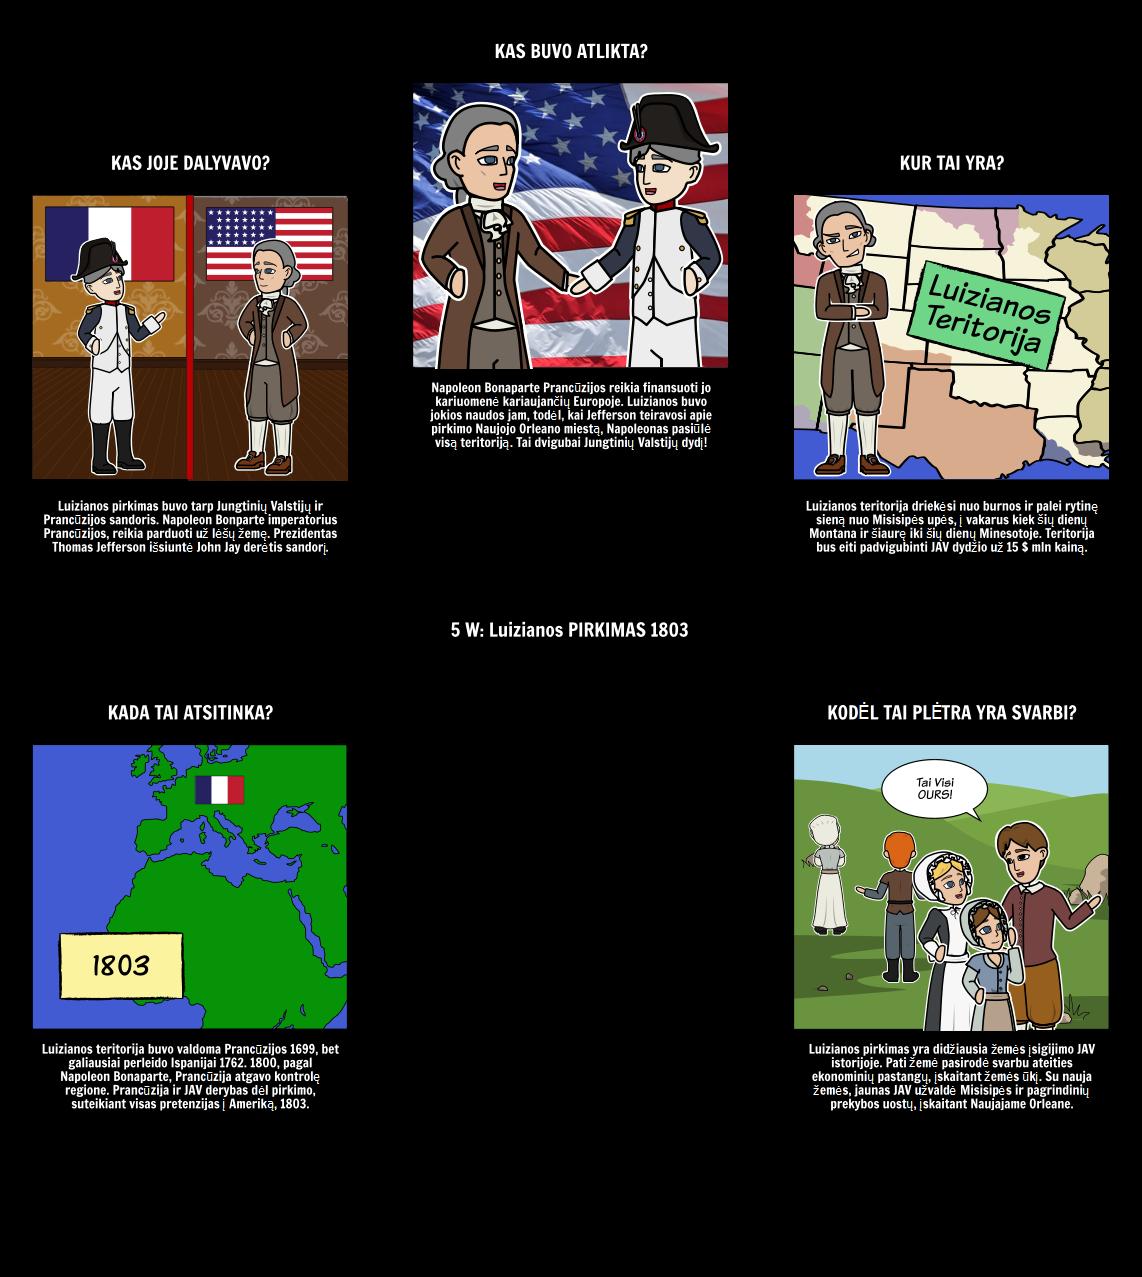 JAV teritorinio išplėtimo - Louisiana pirkimas 1803